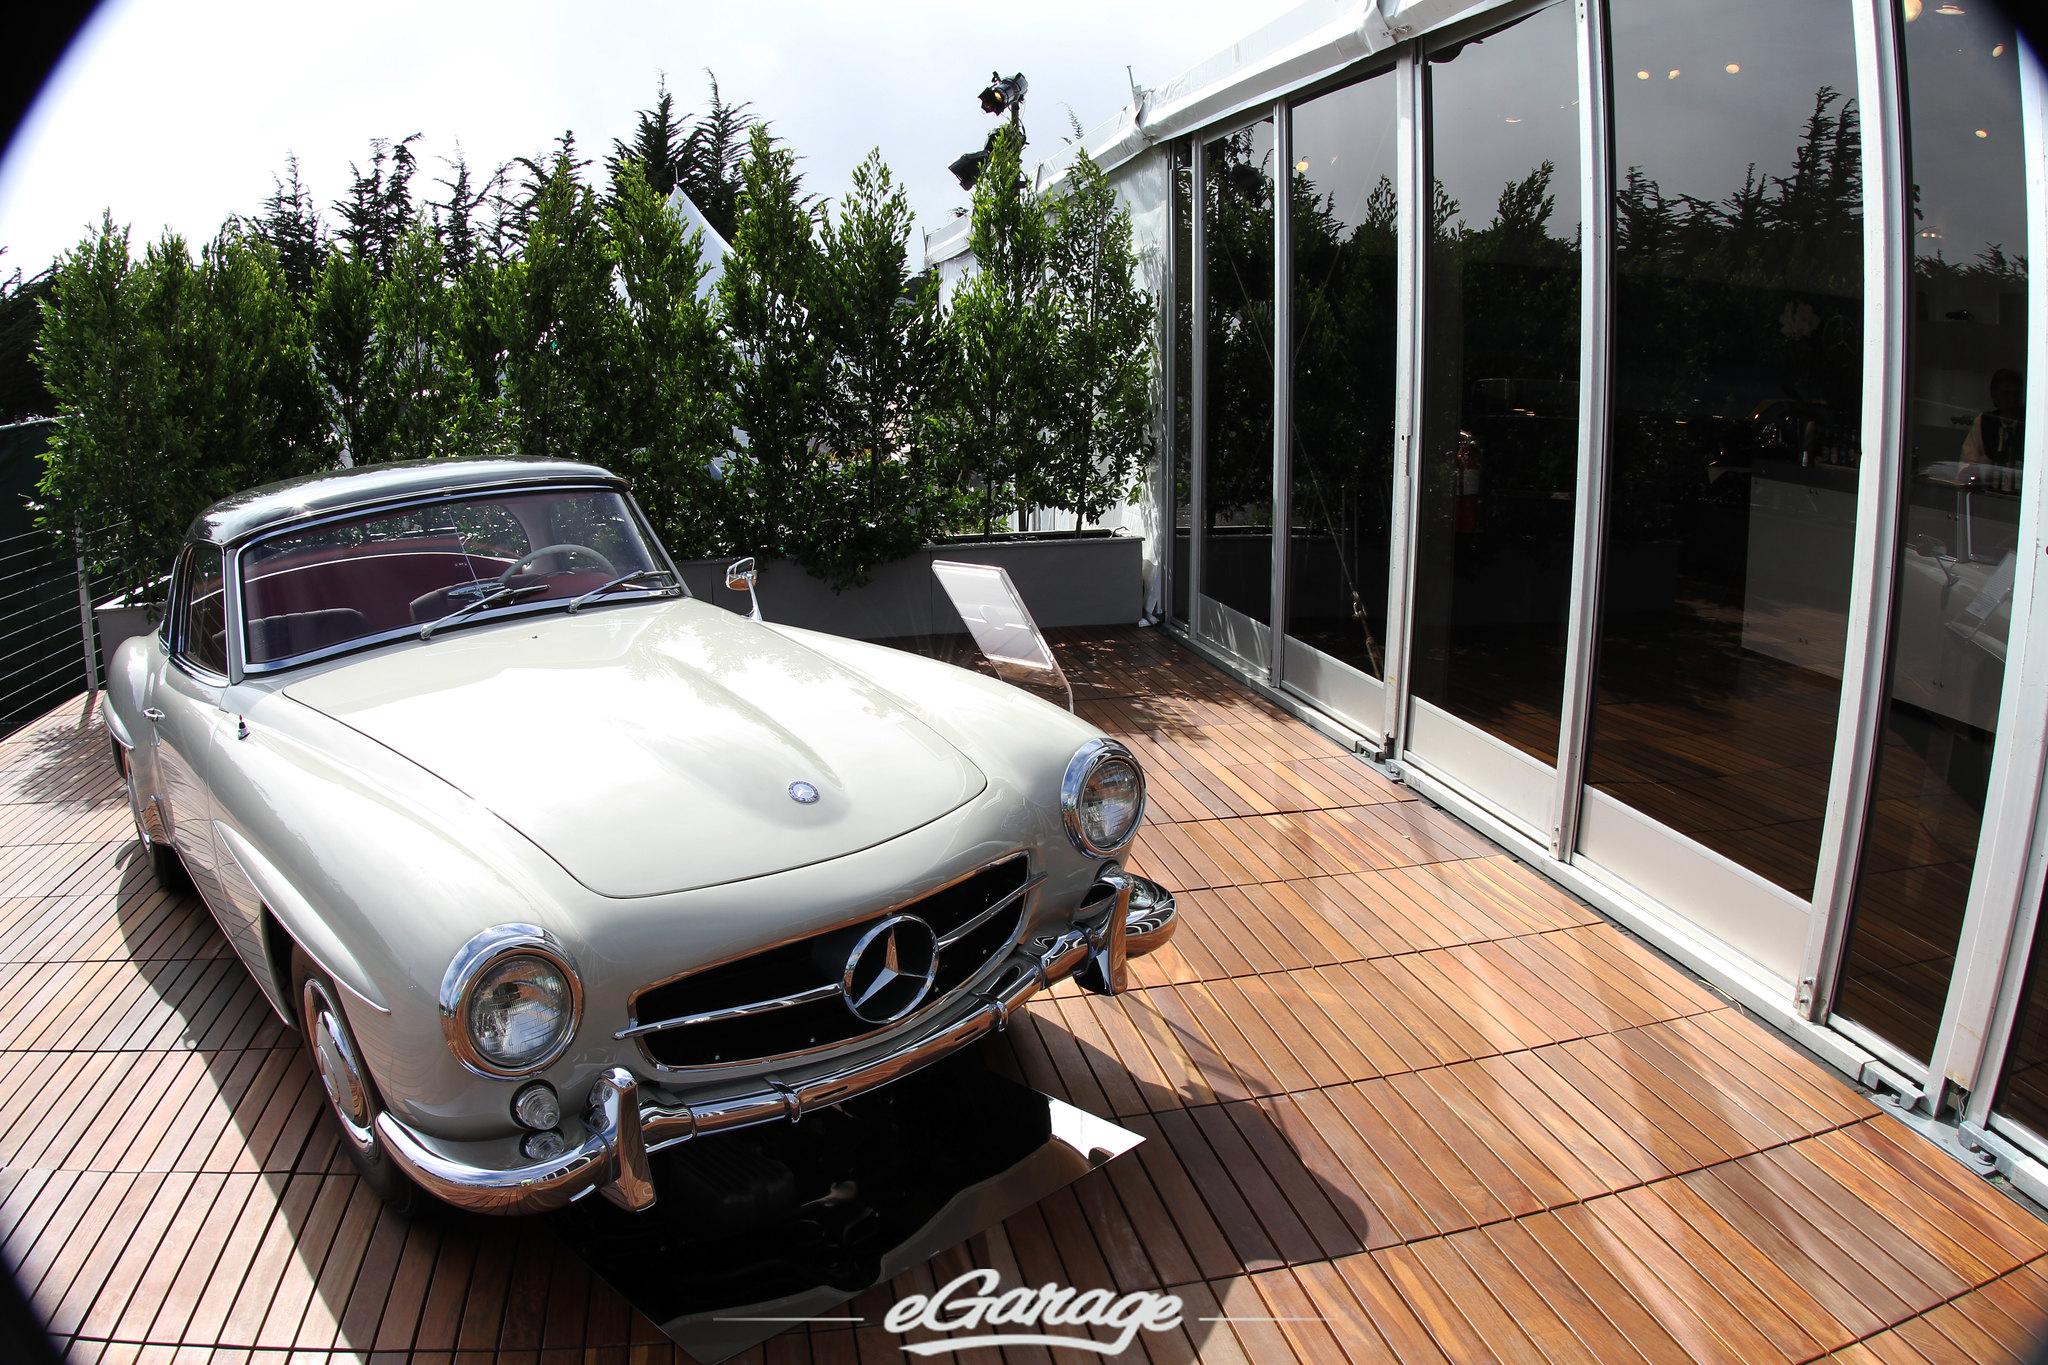 7828727962 a27a0a3754 k Mercedes Benz Classic